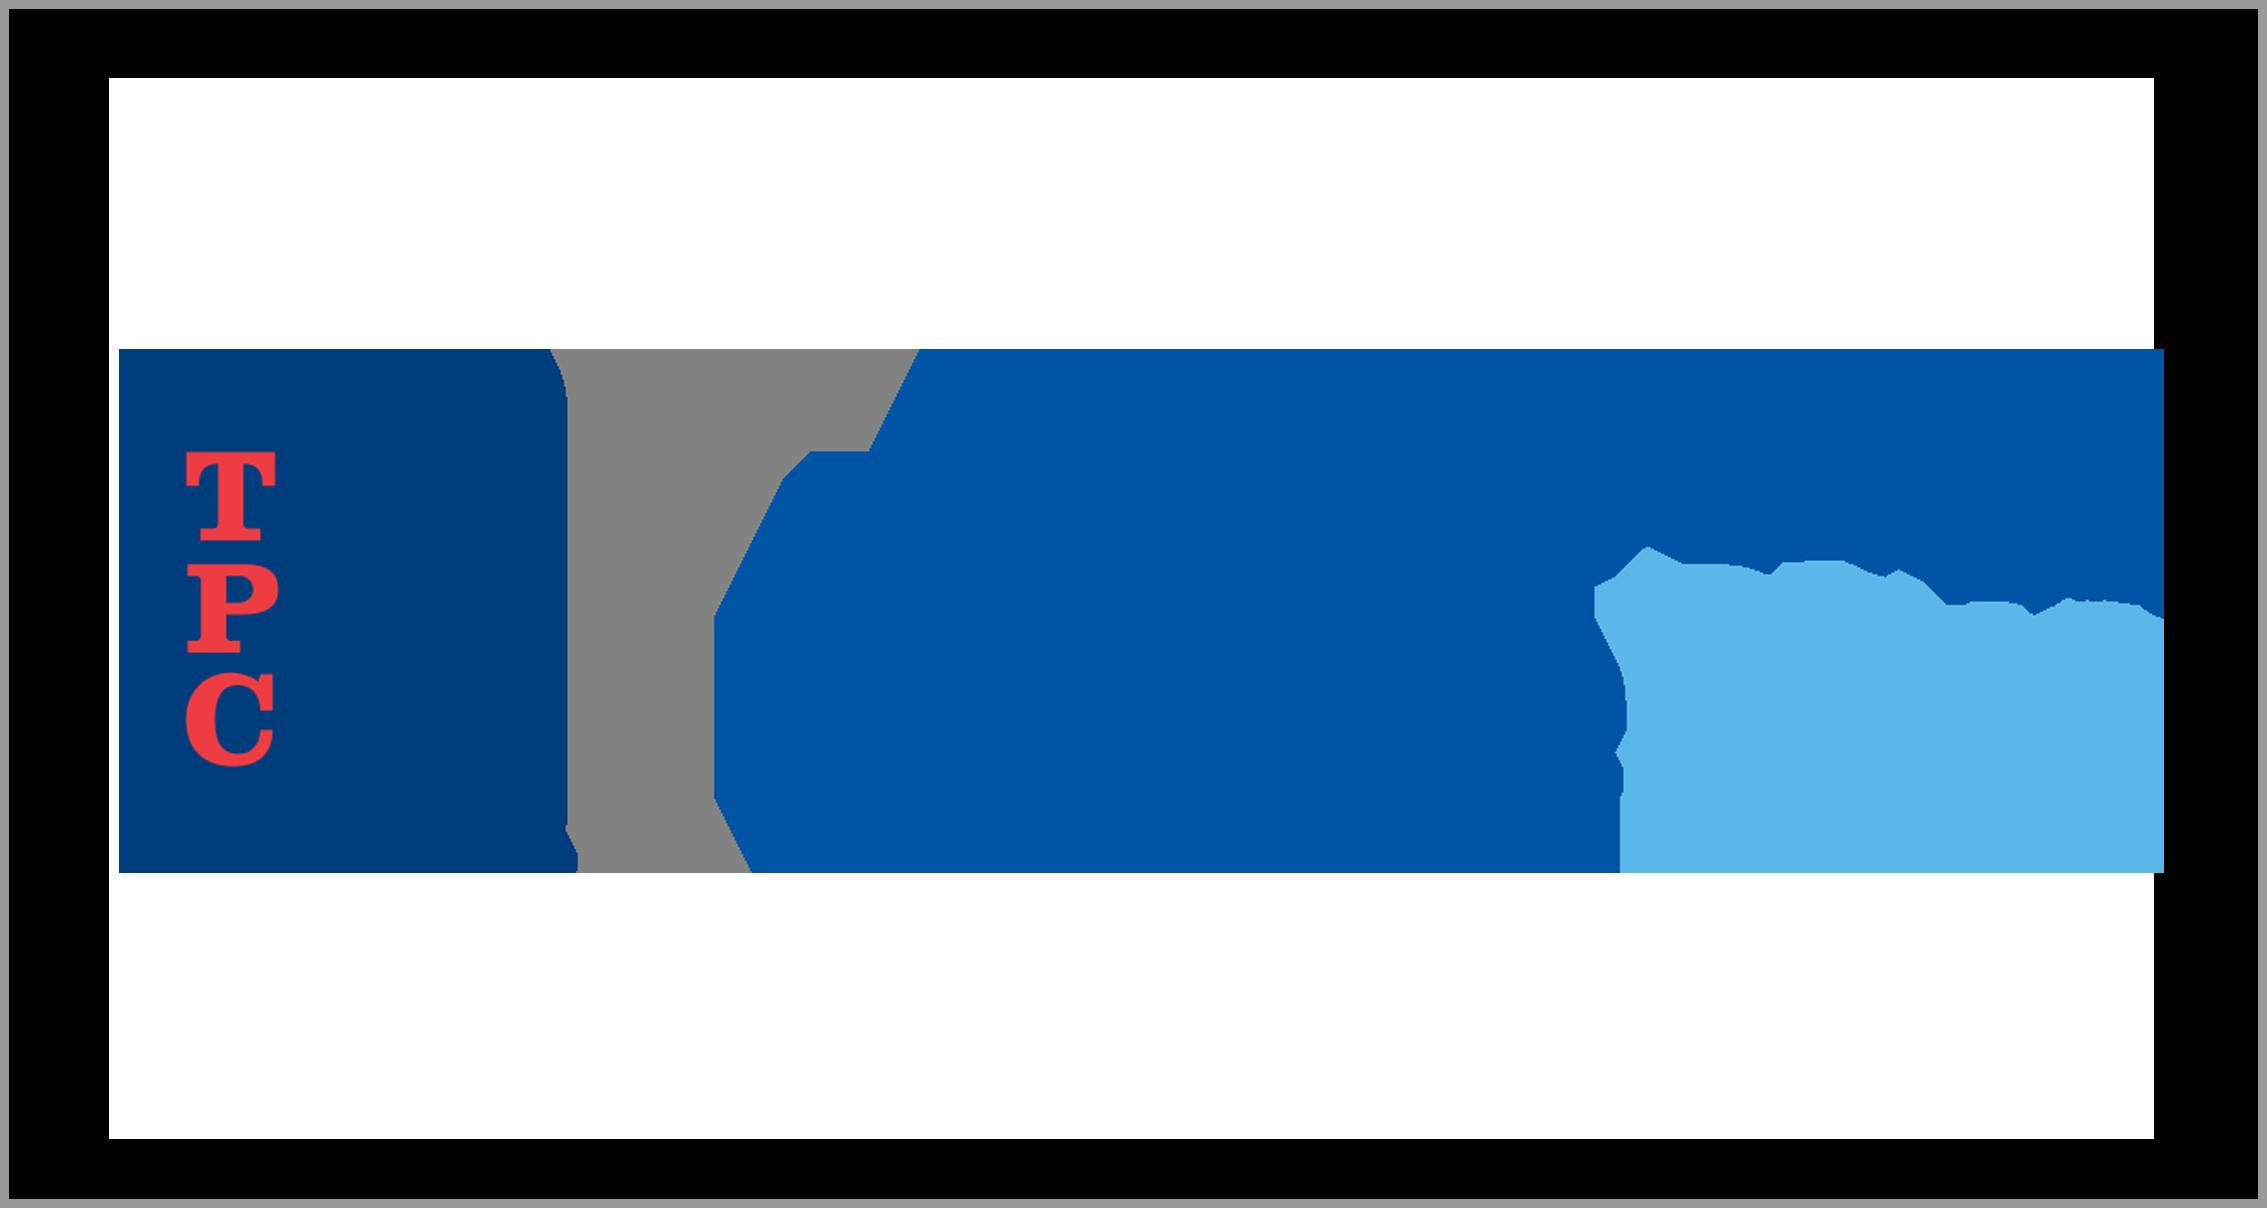 TPC United MileagePlus